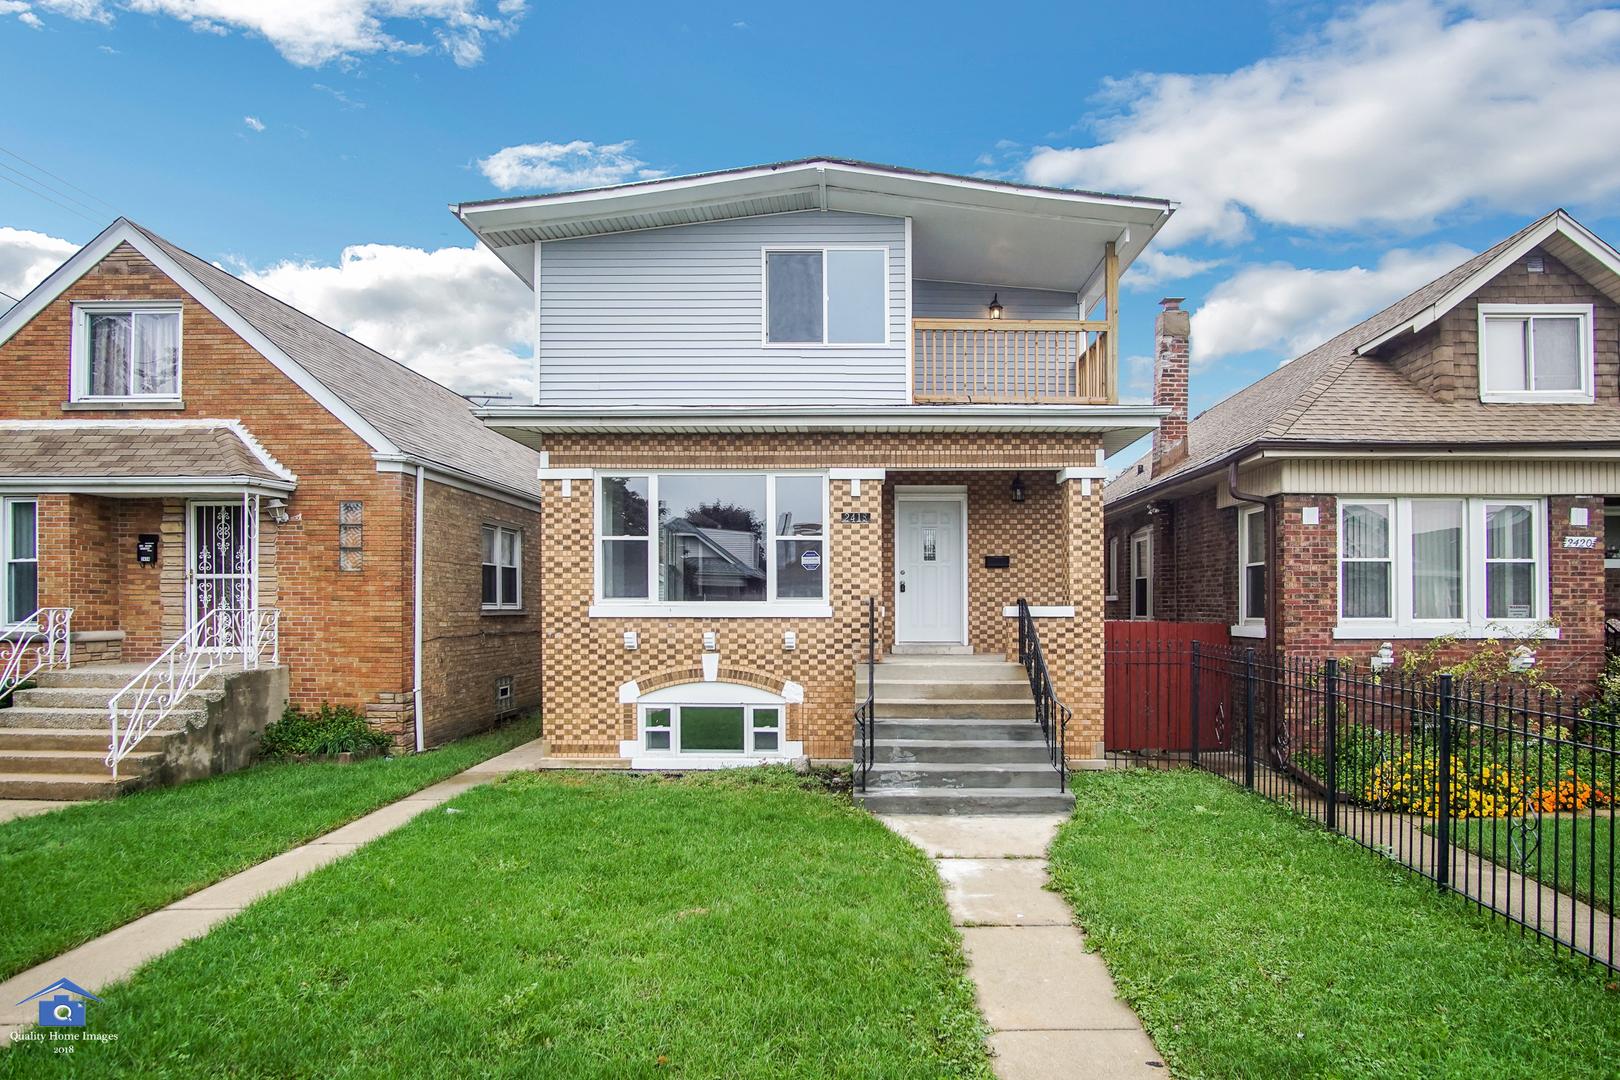 2418 NORTH MCVICKER AVENUE, CHICAGO, IL 60639